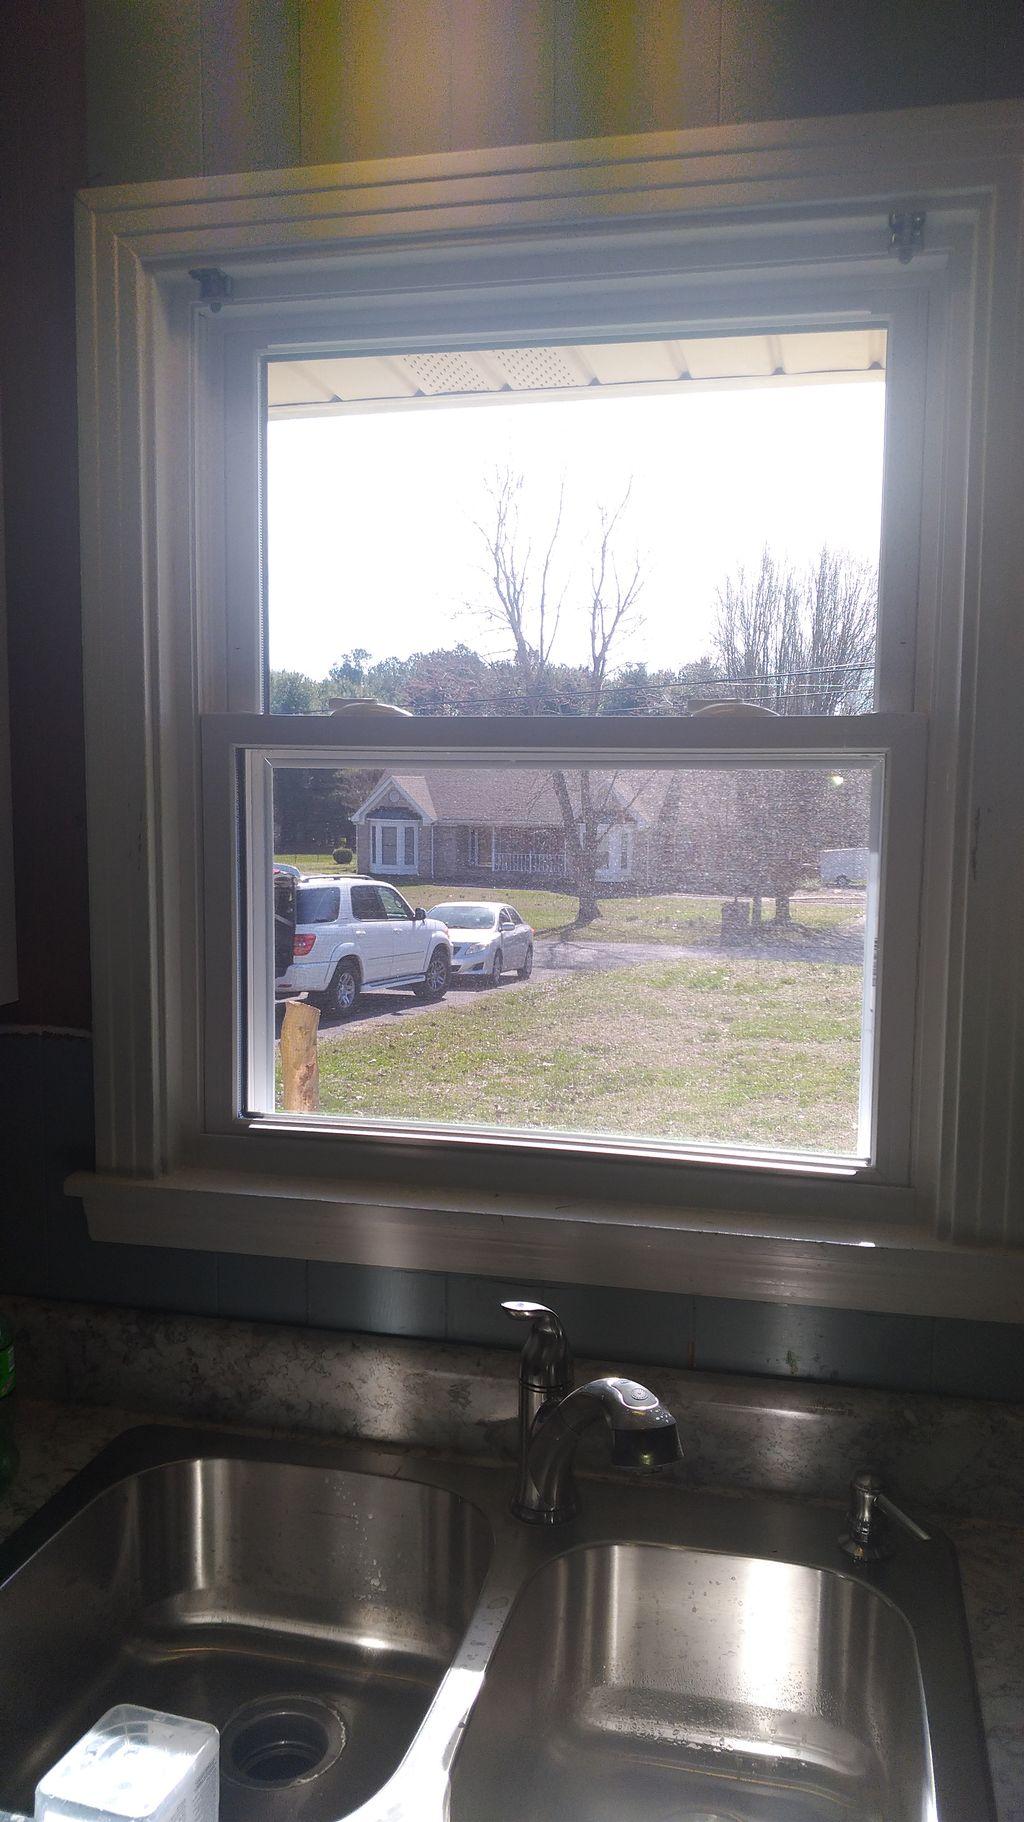 Eadler Window Replacement